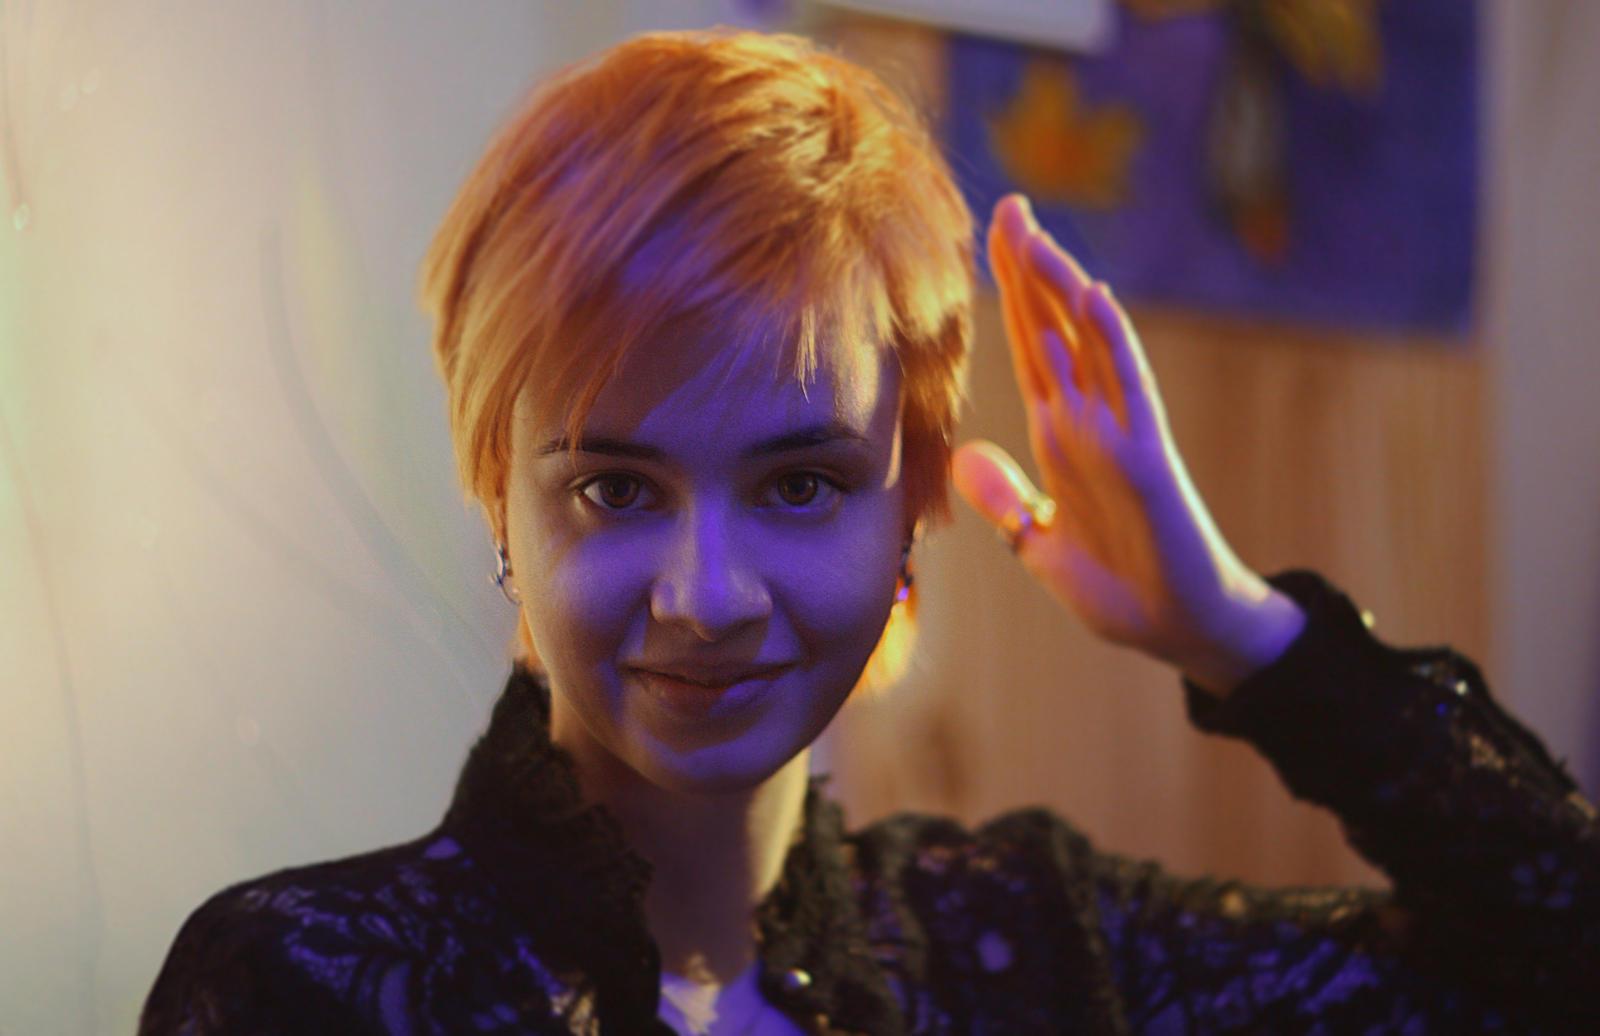 Boneria's Profile Picture